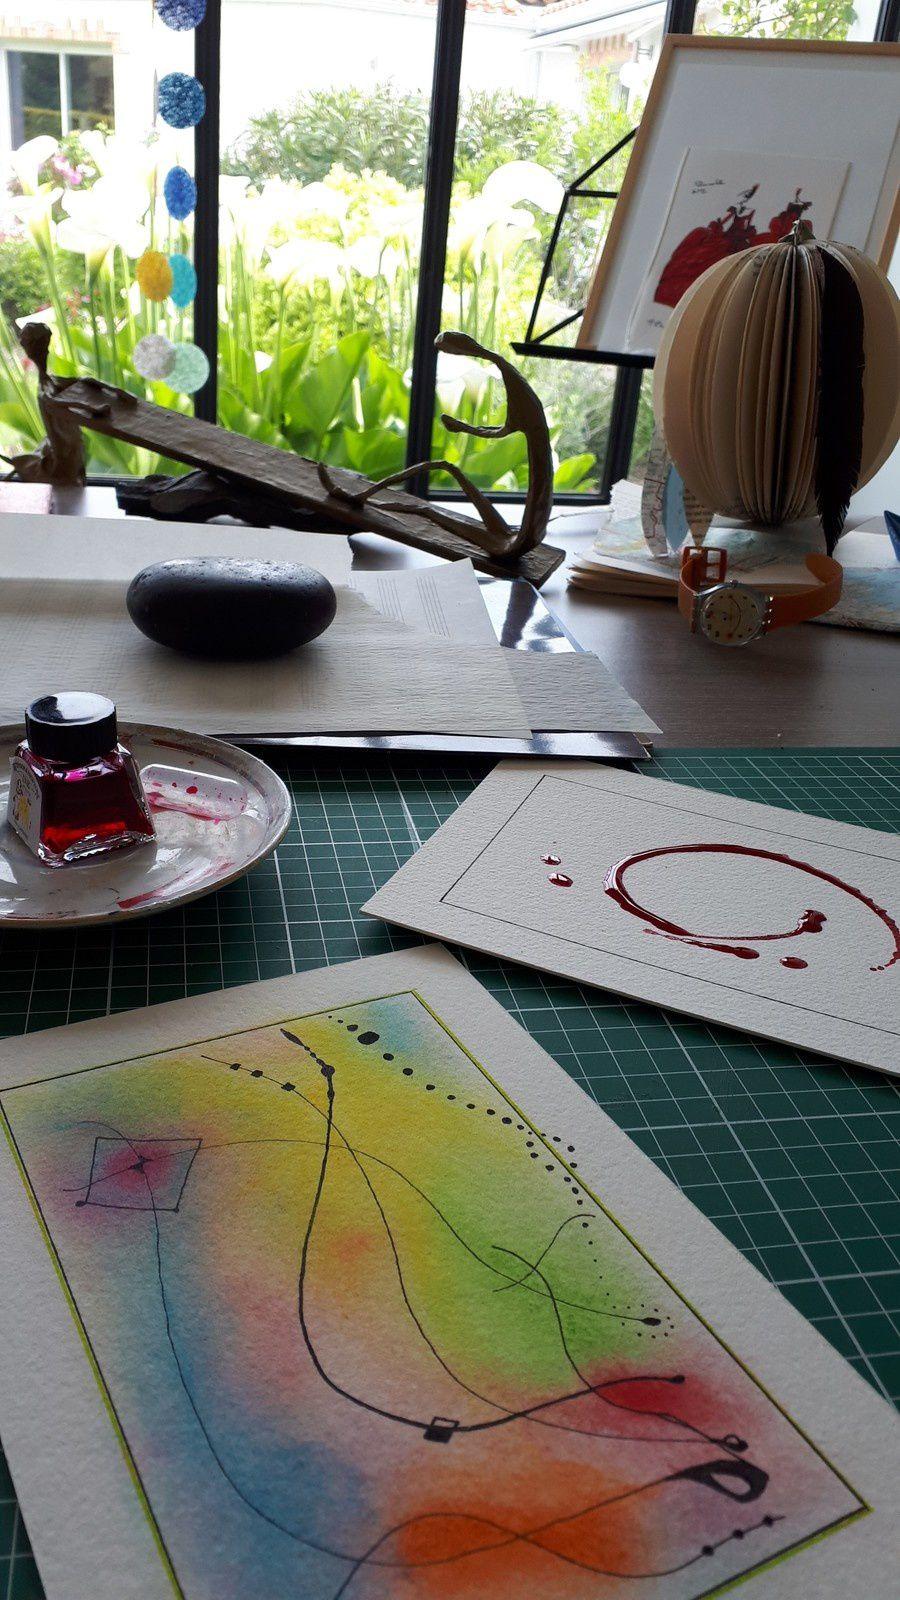 """Les Collages d'eMmA MessanA, dans l'atelier le collage/encres/pastels N°408 """"Poussières"""", pièce unique © eMmA MessanA"""